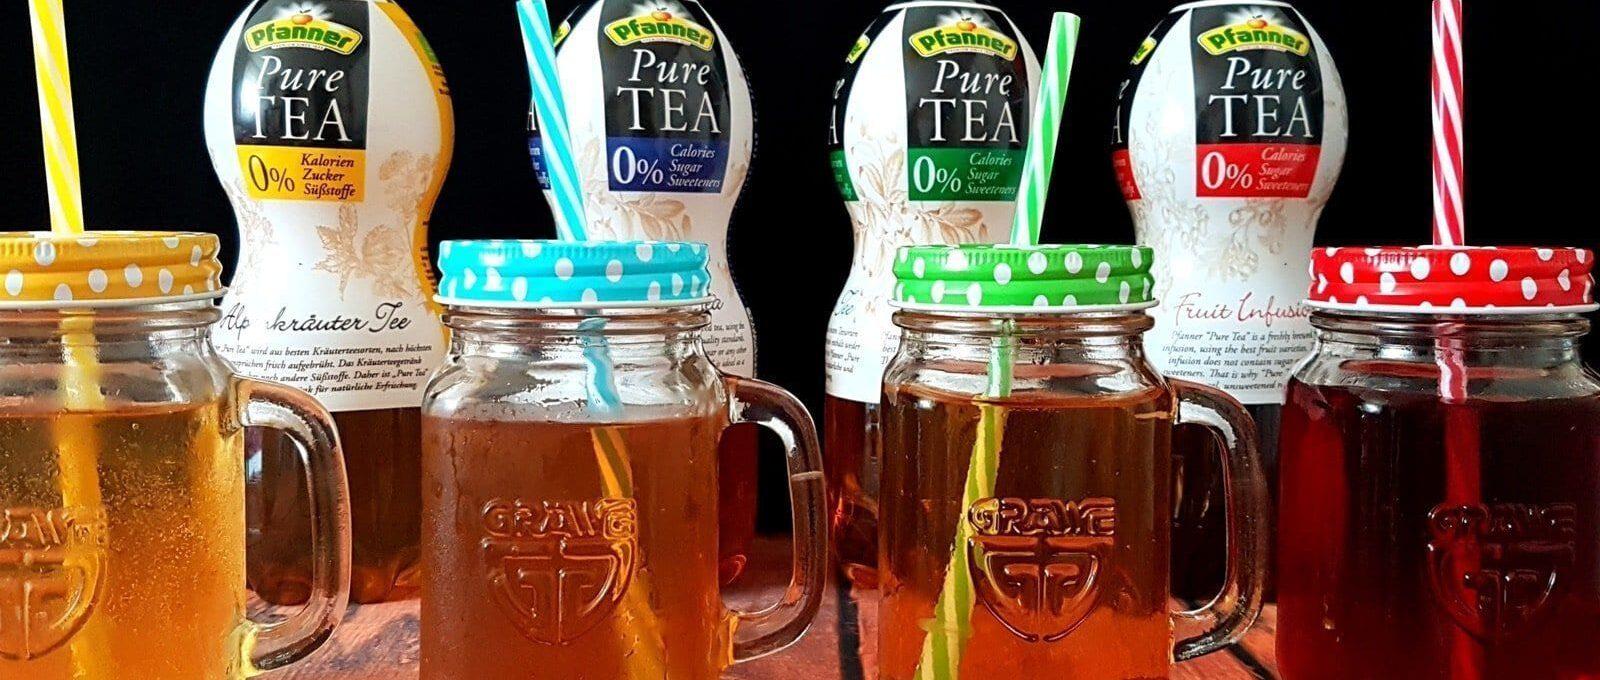 Wir testen Pfanner Pure Tea